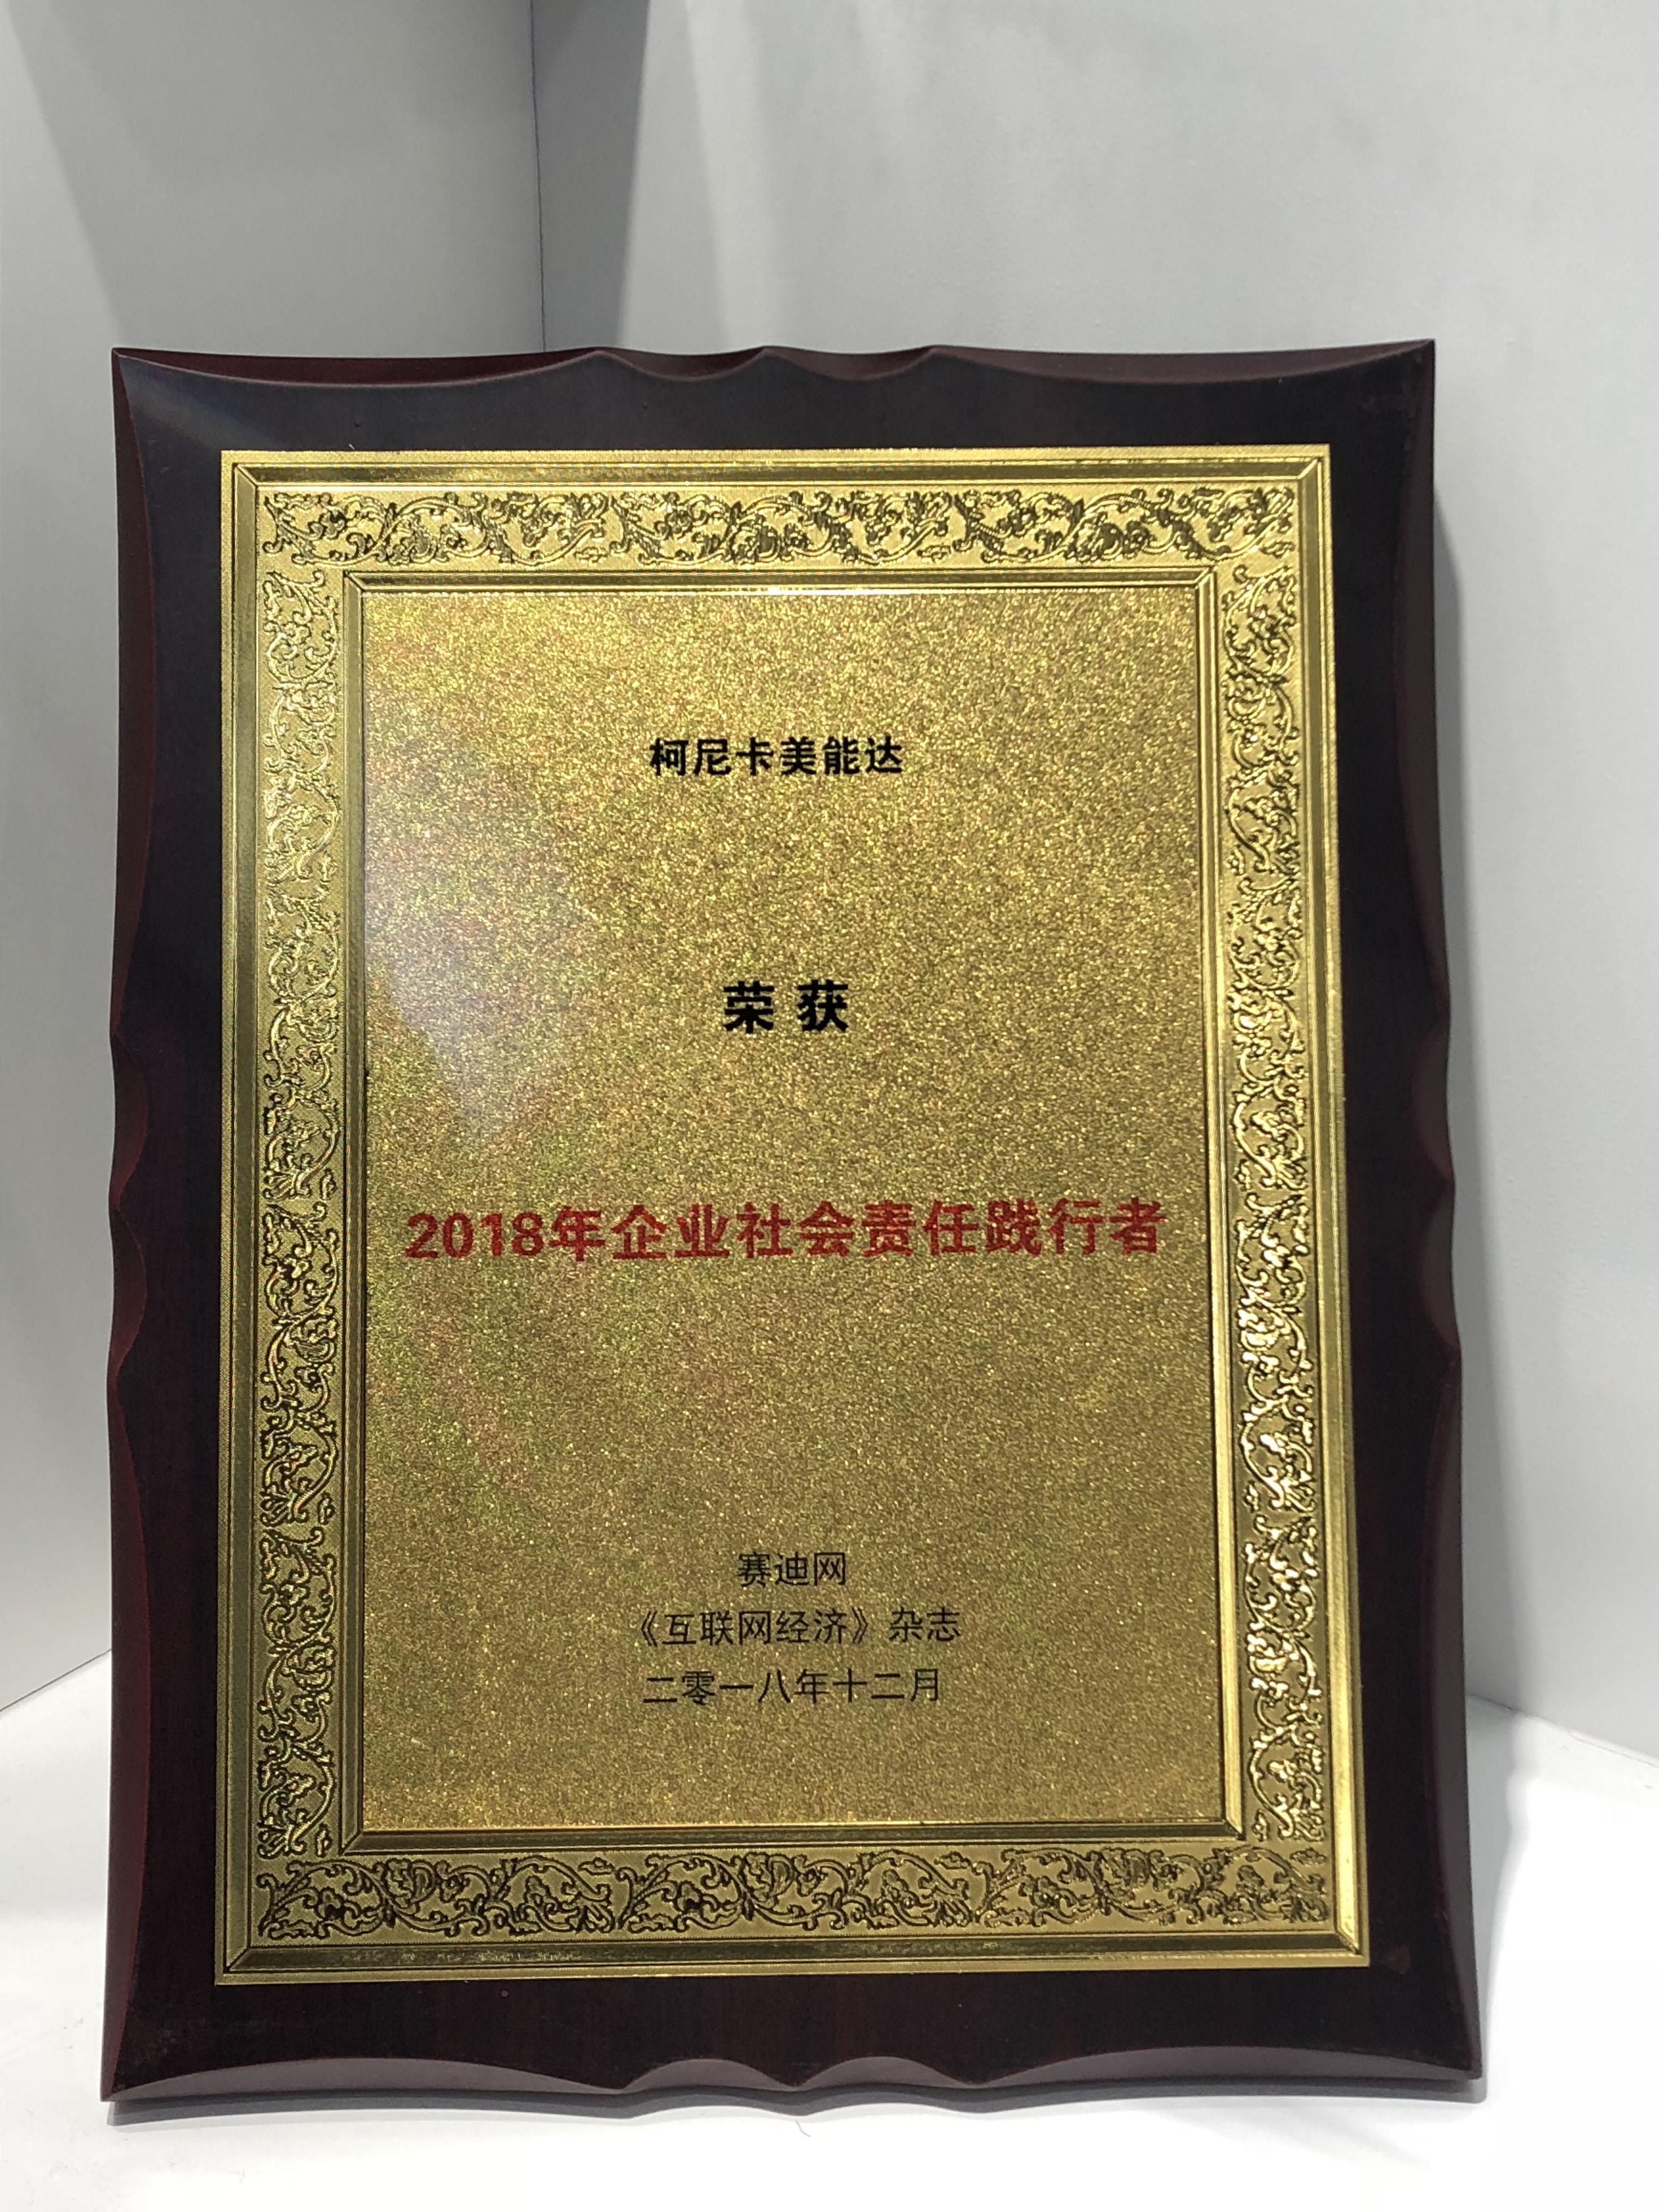 17-【赛迪网】企业社会责任践行者-lowerres.jpg